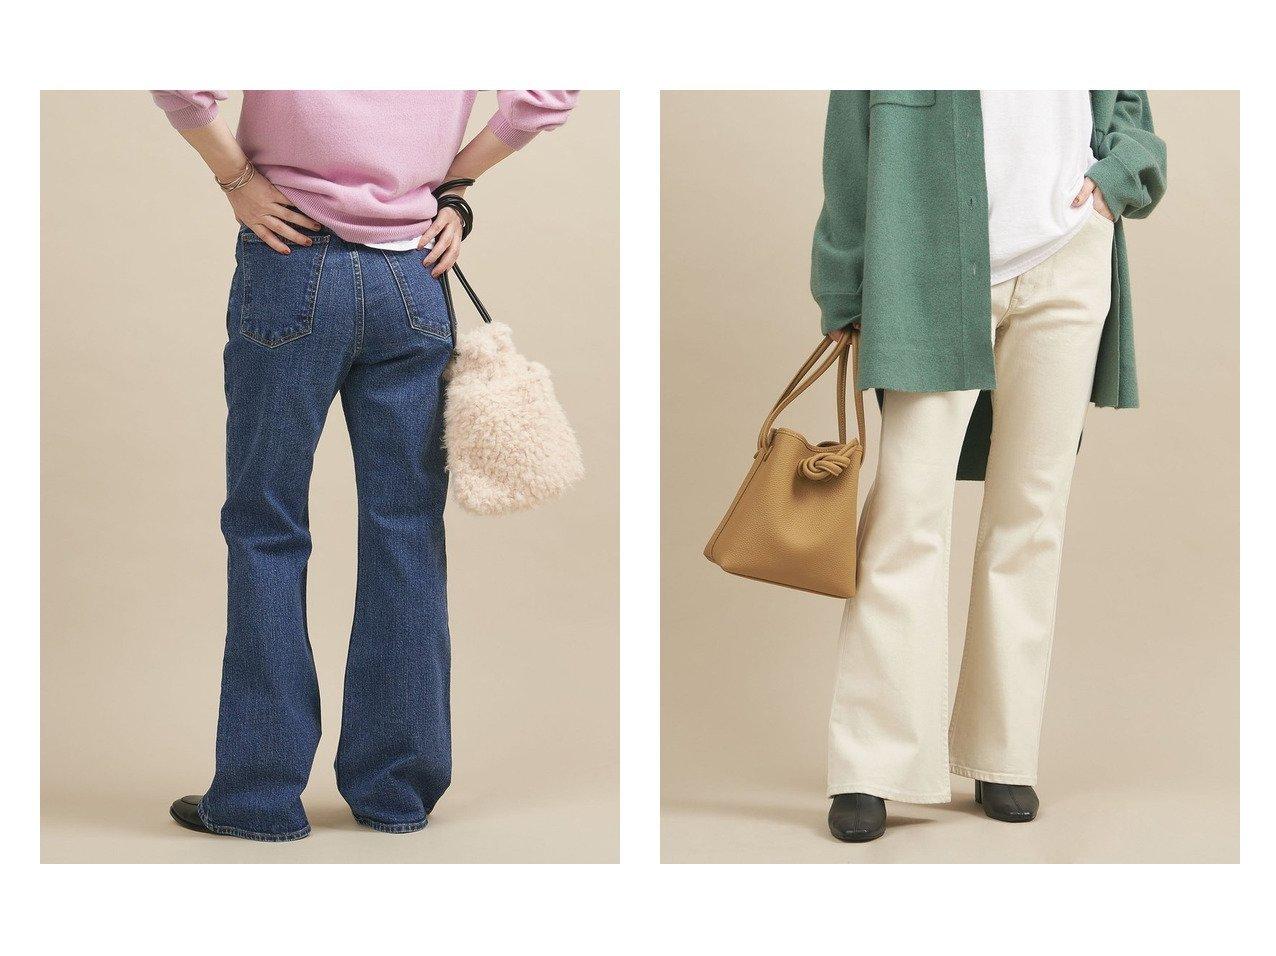 【BEAUTY&YOUTH / UNITED ARROWS/ビューティ&ユース ユナイテッドアローズ】の【別注】デニム&【別注】 Shinzone CHARLOTTE JEAN ホワイト/デニム 別注・限定・コラボなど、おすすめ!人気、トレンド・レディースファッションの通販 おすすめで人気の流行・トレンド、ファッションの通販商品 インテリア・家具・メンズファッション・キッズファッション・レディースファッション・服の通販 founy(ファニー) https://founy.com/ ファッション Fashion レディースファッション WOMEN パンツ Pants ヴィンテージ 厚底 シューズ ショート ジーンズ スマート デニム トレンド 人気 フレア 別注 ミックス リアル A/W・秋冬 AW・Autumn/Winter・FW・Fall-Winter おすすめ Recommend インディゴ ボトム 再入荷 Restock/Back in Stock/Re Arrival NEW・新作・新着・新入荷 New Arrivals |ID:crp329100000061017